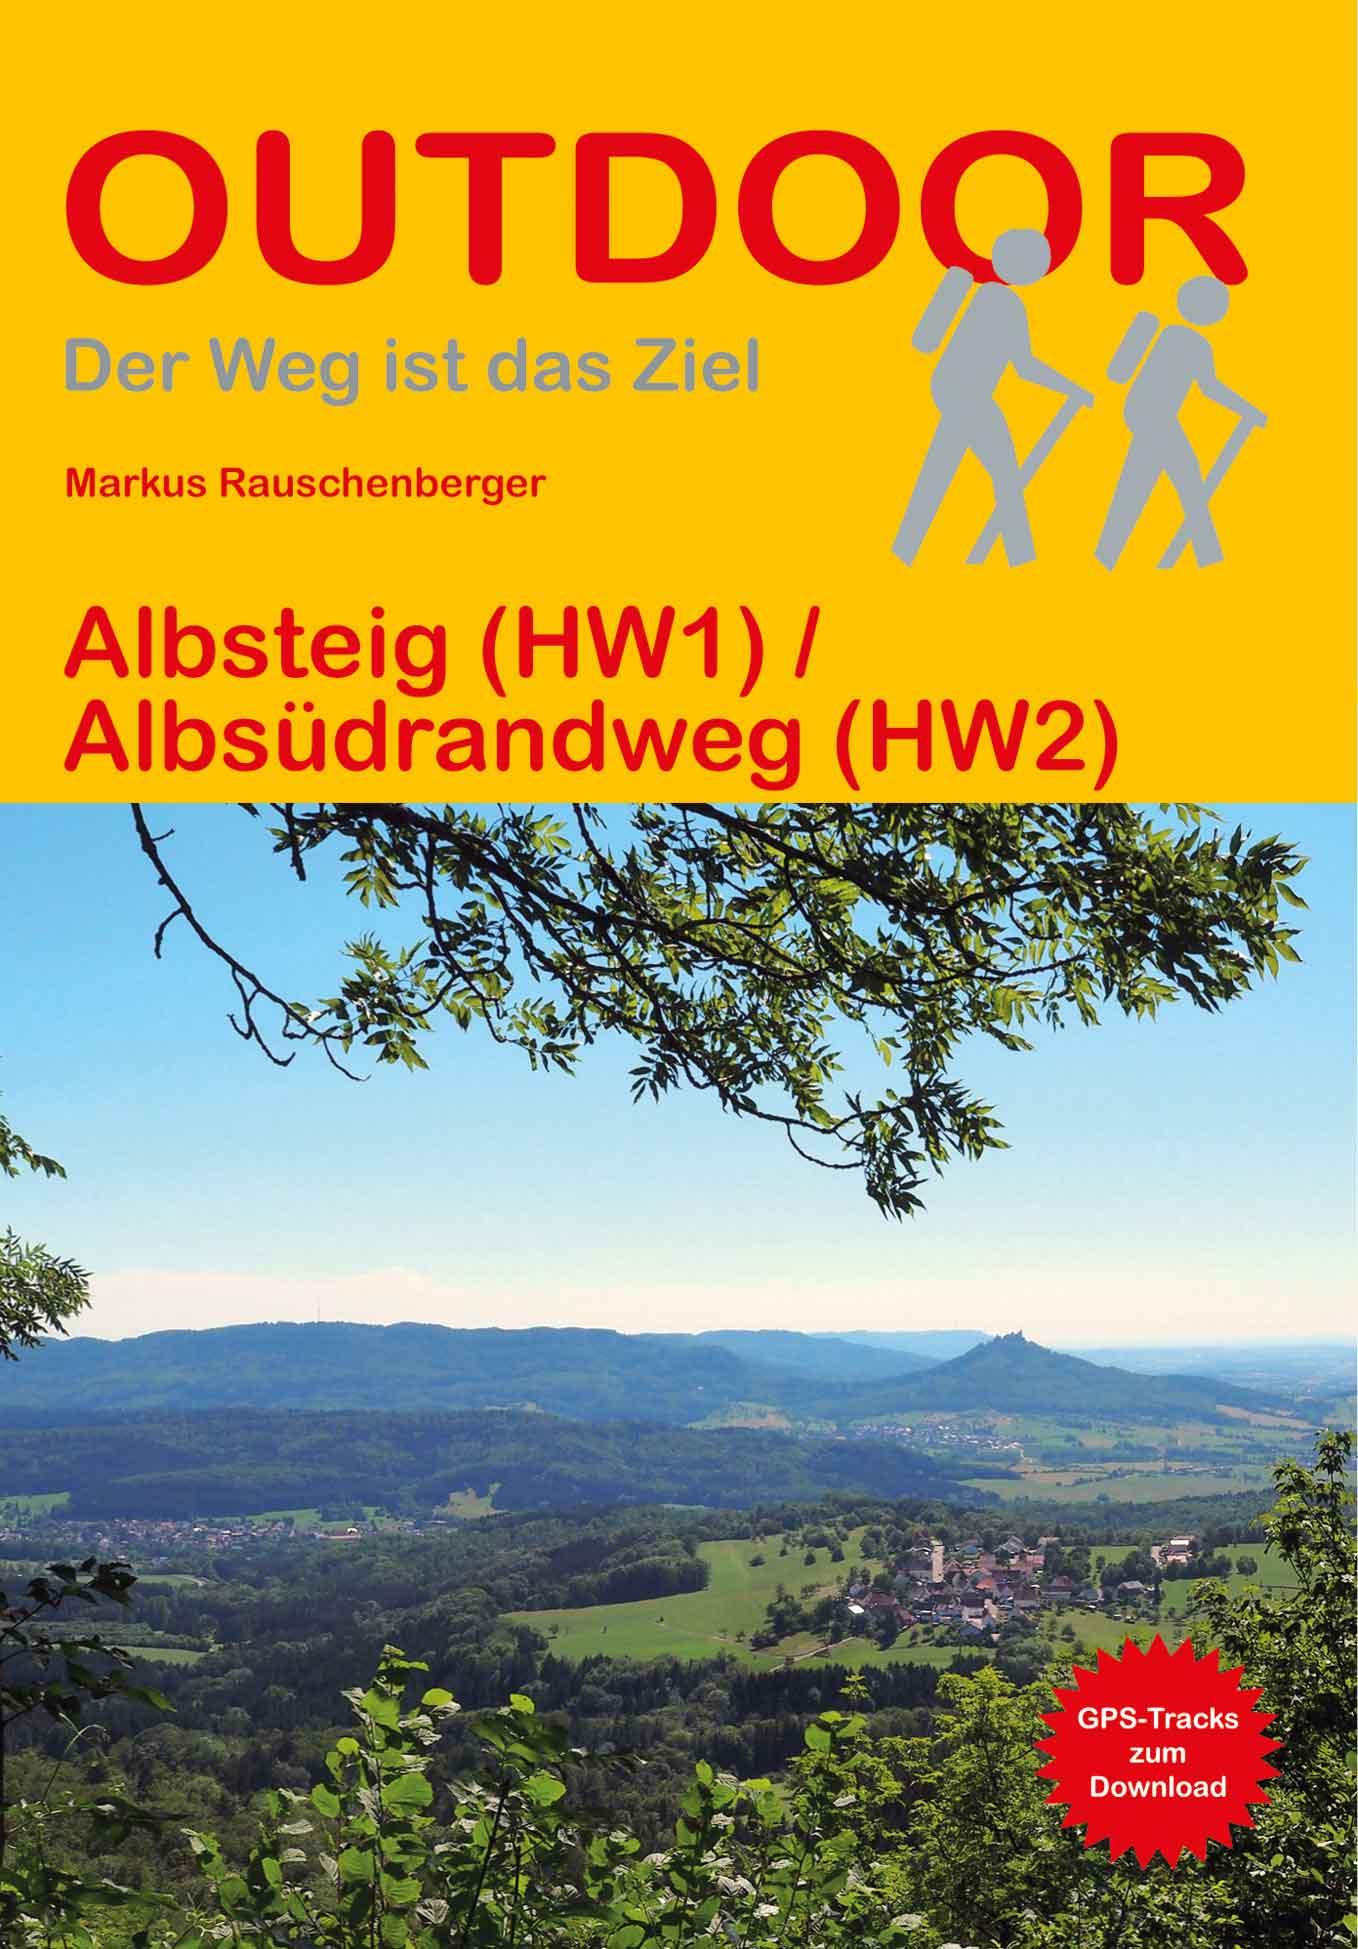 Albsteig (HW1) / Albsüdrandweg (HW2)